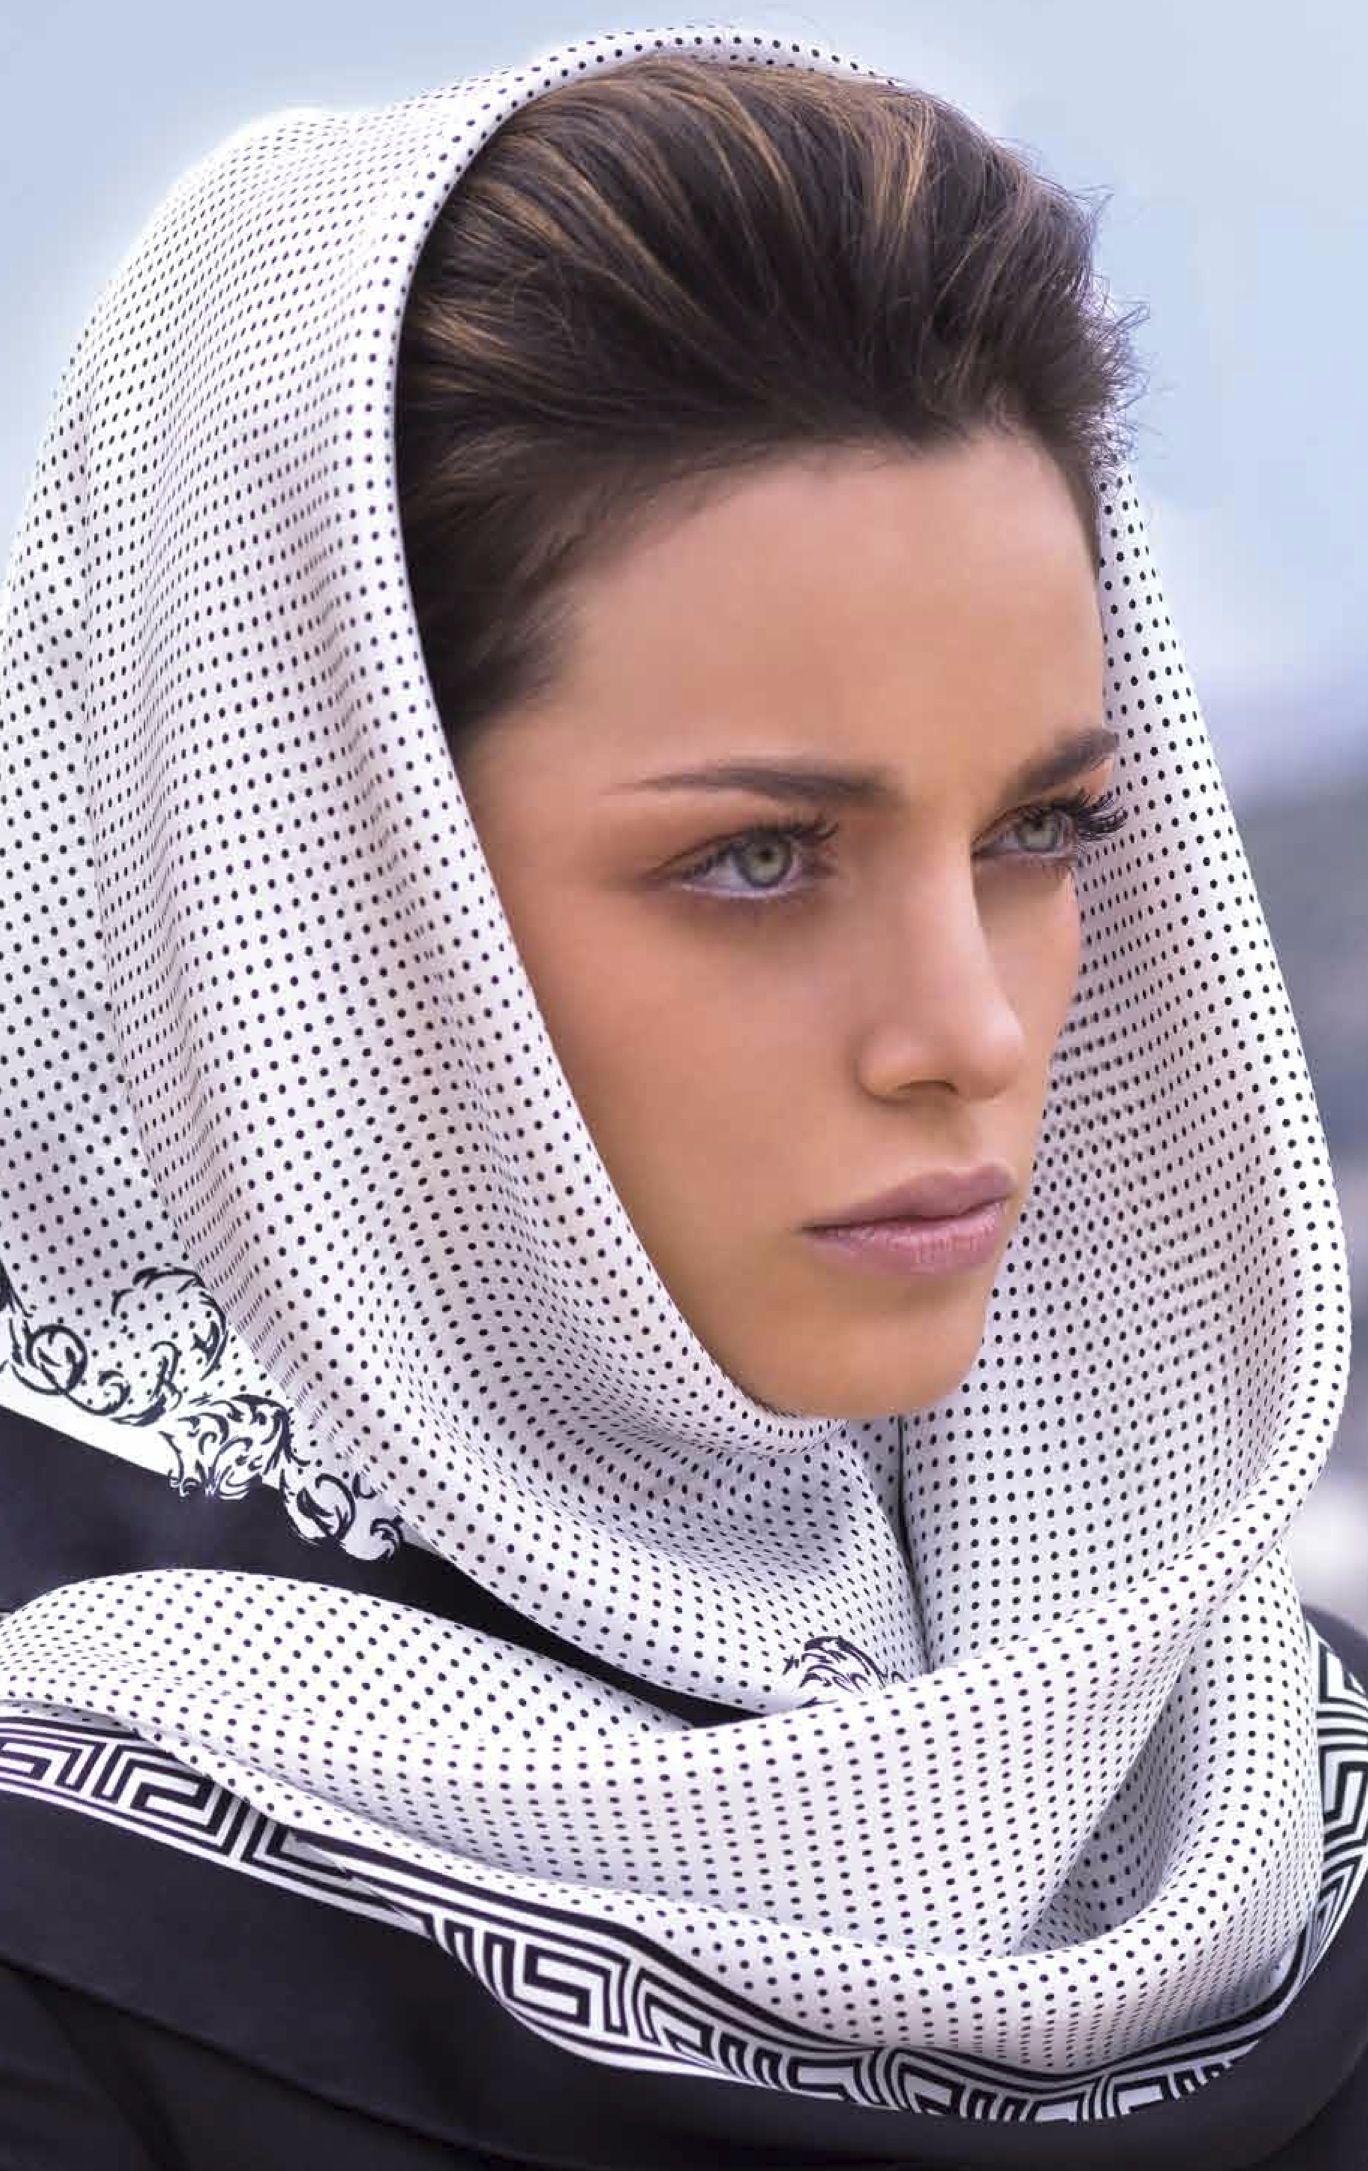 Pañuelo De Seda - Oscura Belleza De Ojos Por Vida Vida YkRlfscIz